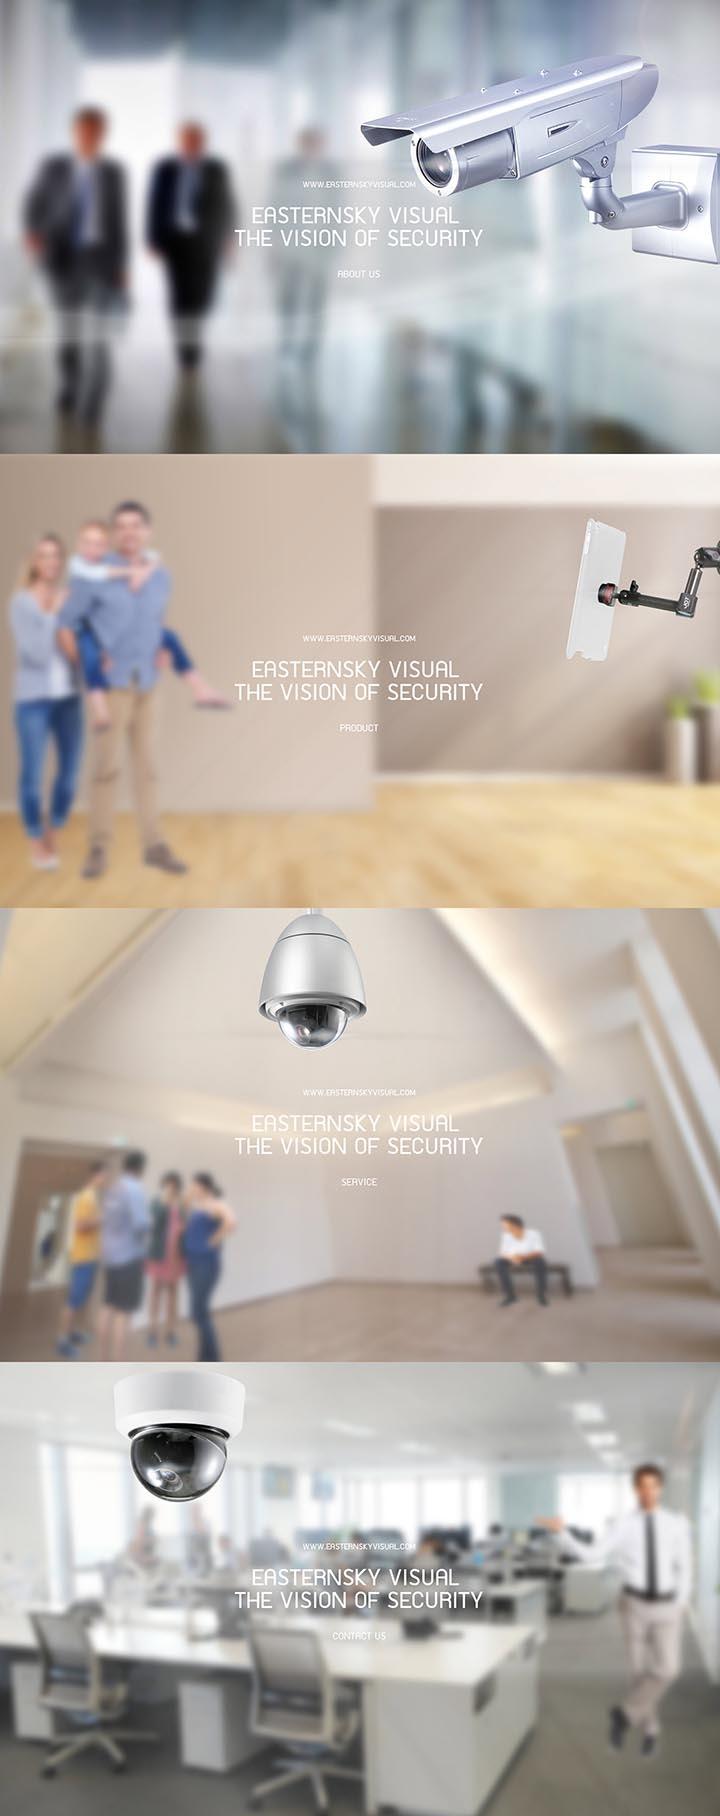 บริษัทจ้างทำเว็บไซต์ ติดตั้งกล้องวงจรปิด ร้านติดตั้งและจำหน่ายกล้องวงจรปิด CCTV  รับทำเว็บ ราคาถูก